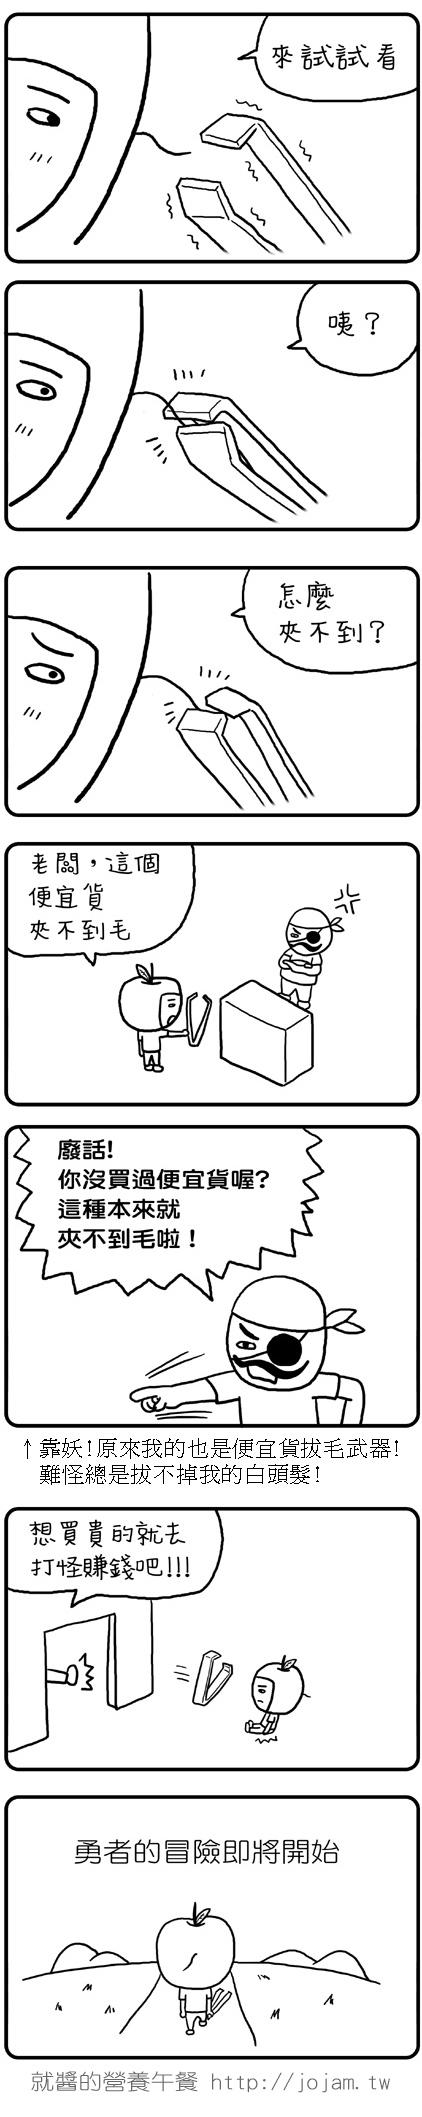 勇者鬥惡農_上_5.jpg